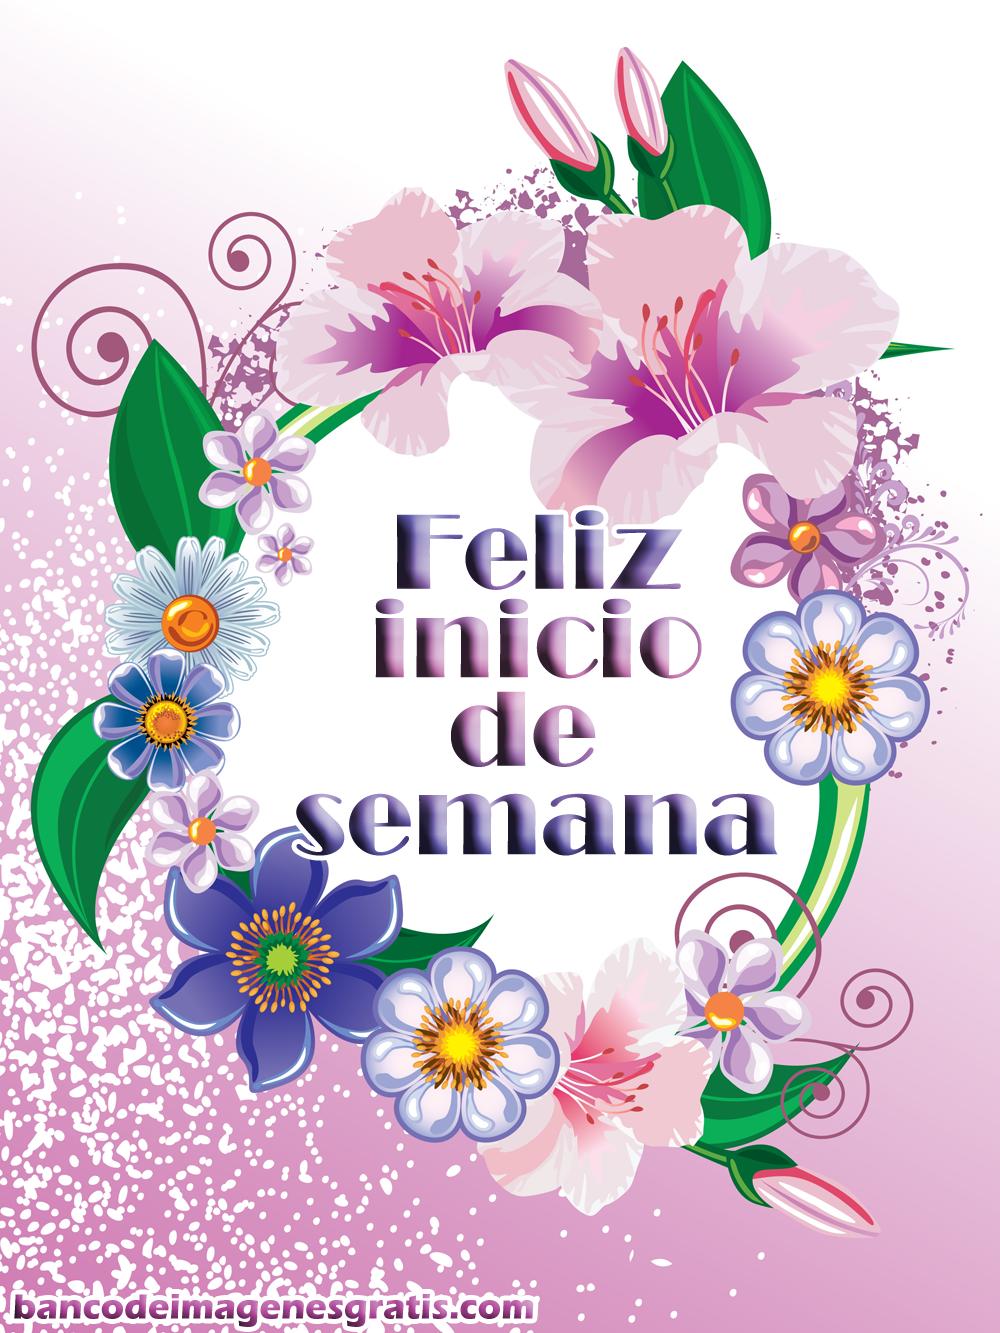 Banco De Imágenes Feliz Inicio De Semana Y Feliz Lunes Mensajes